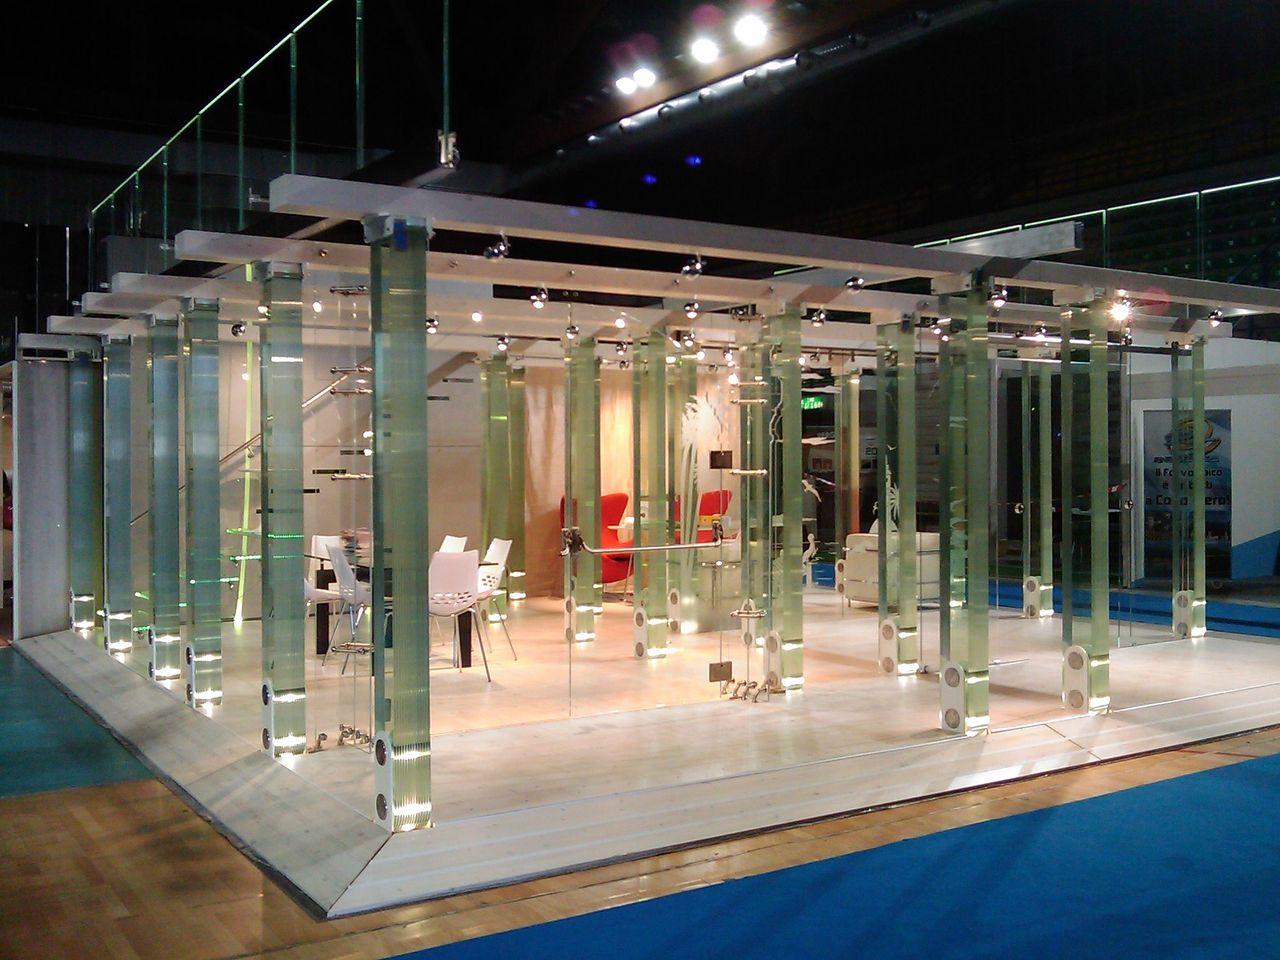 Impianti elettrici industriali in provincia di Mantova (MN)